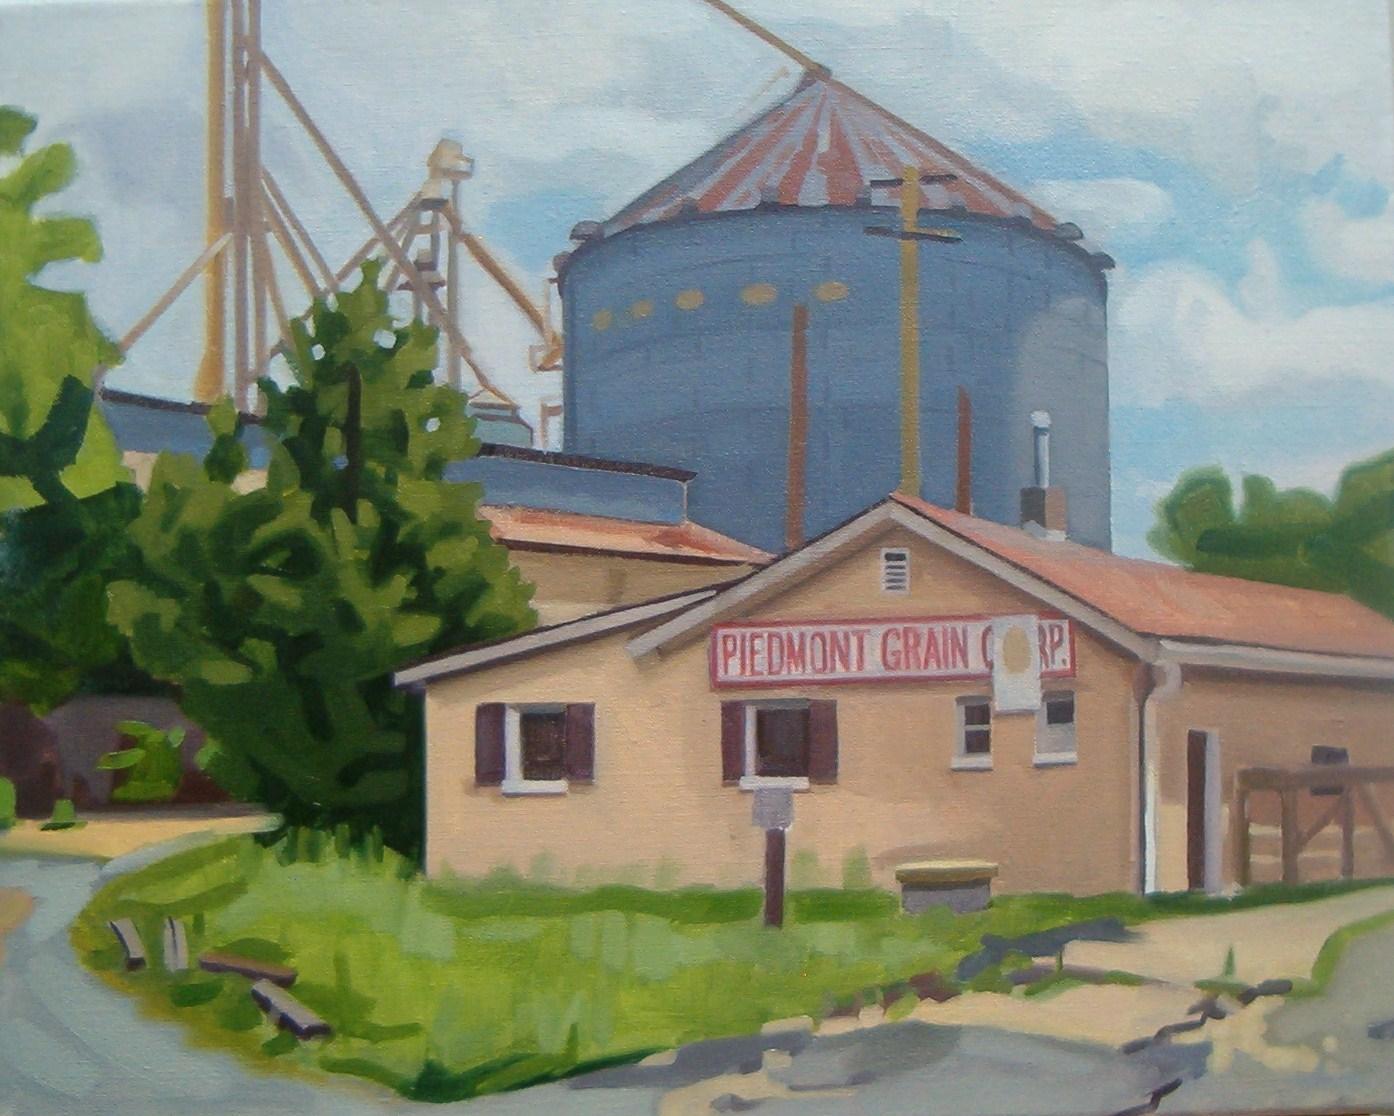 Piedmont Grain